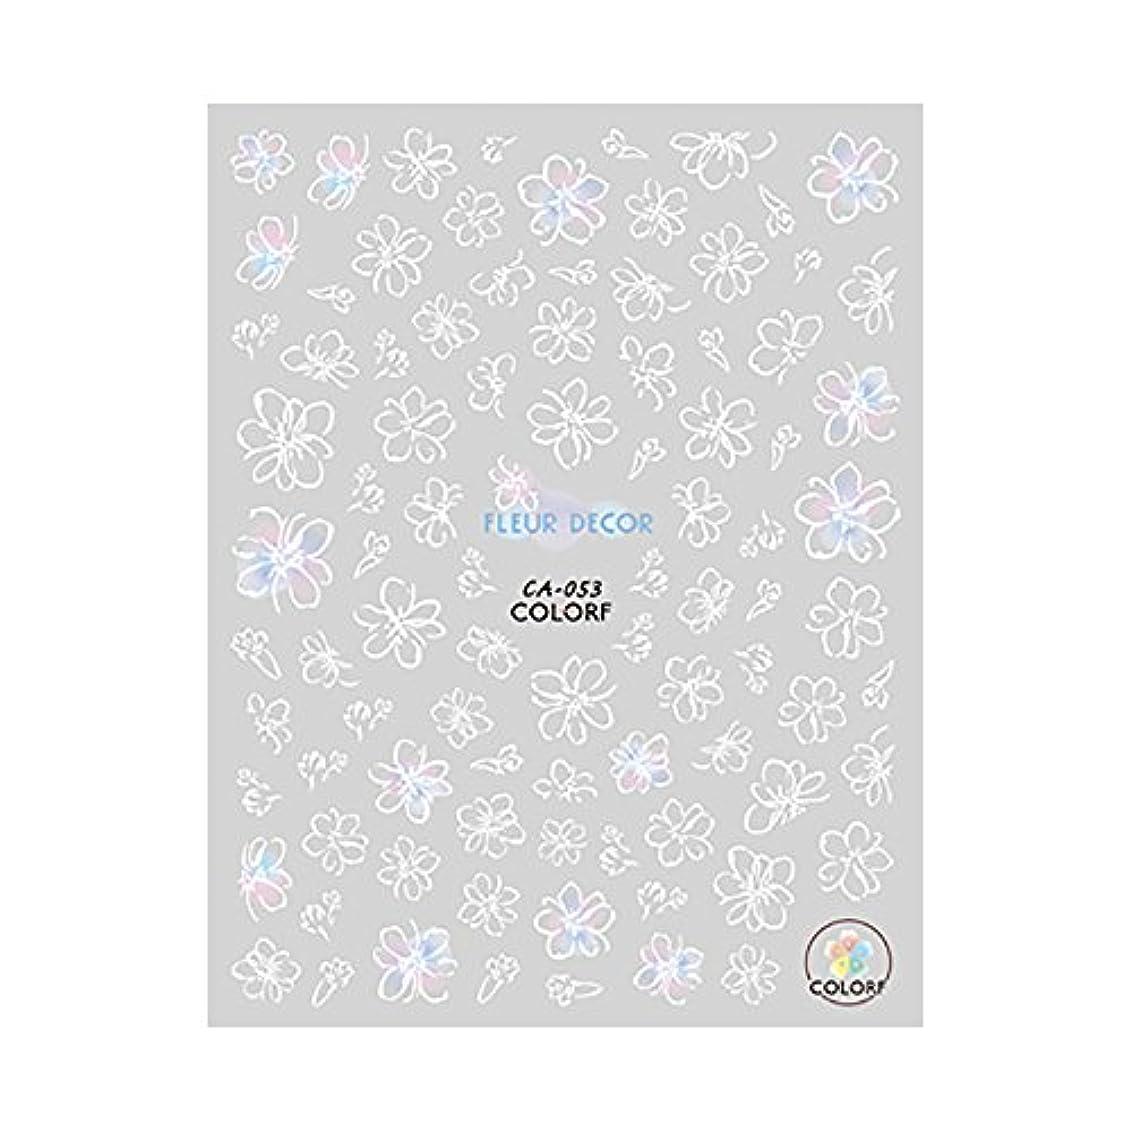 効能支配的論文シフォンフラワーネイルシール【CA-053】花柄ネイル フルール 春ネイル チーク 手描き風